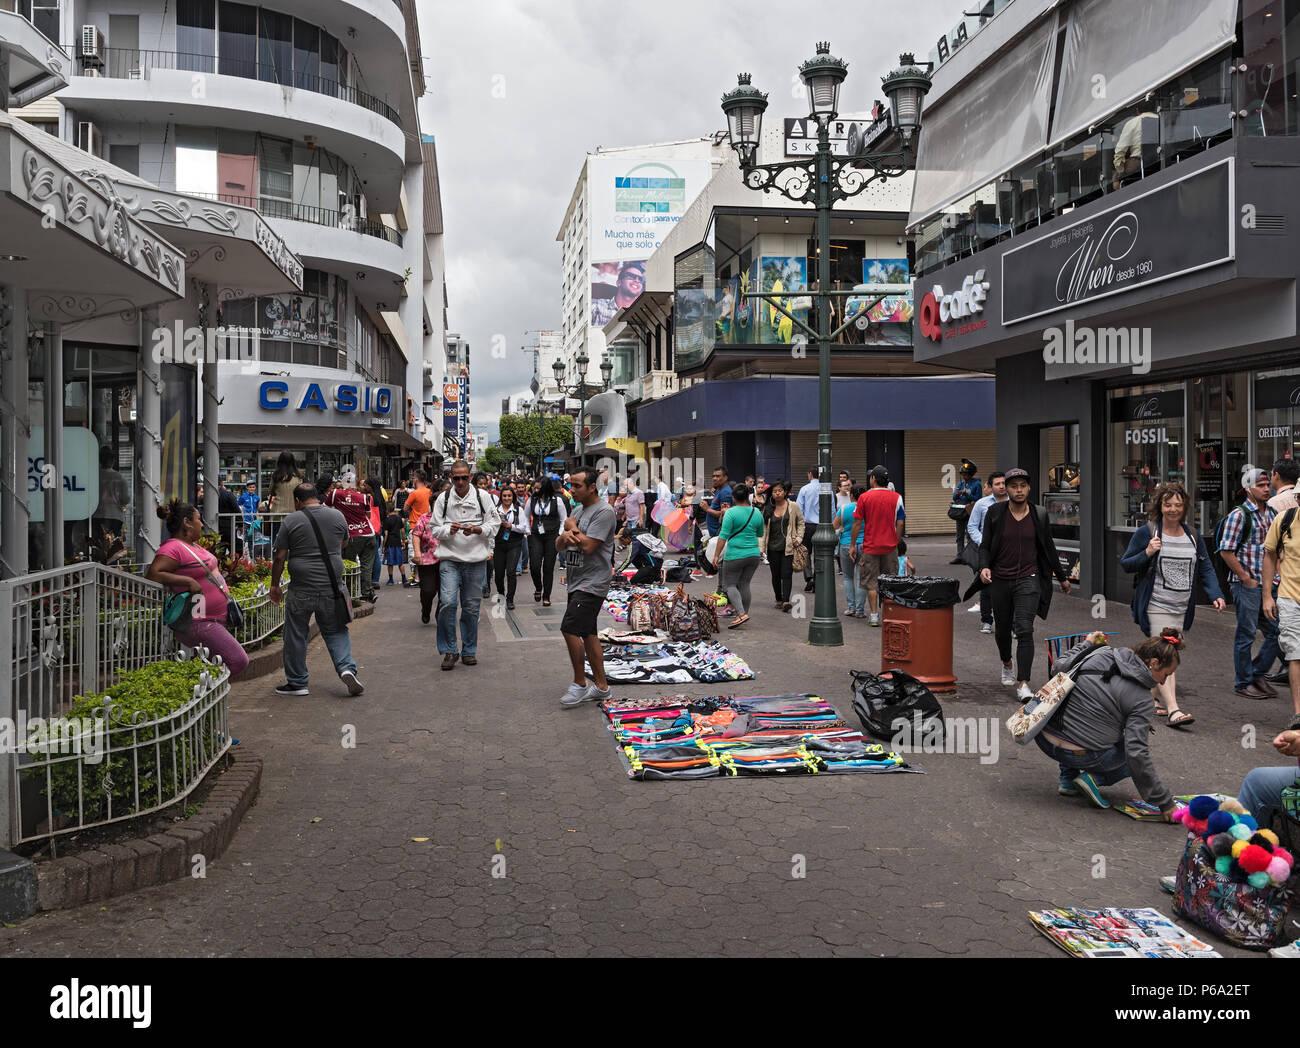 La gente en la zona peatonal del centro de la ciudad de San José, Costa Rica Imagen De Stock